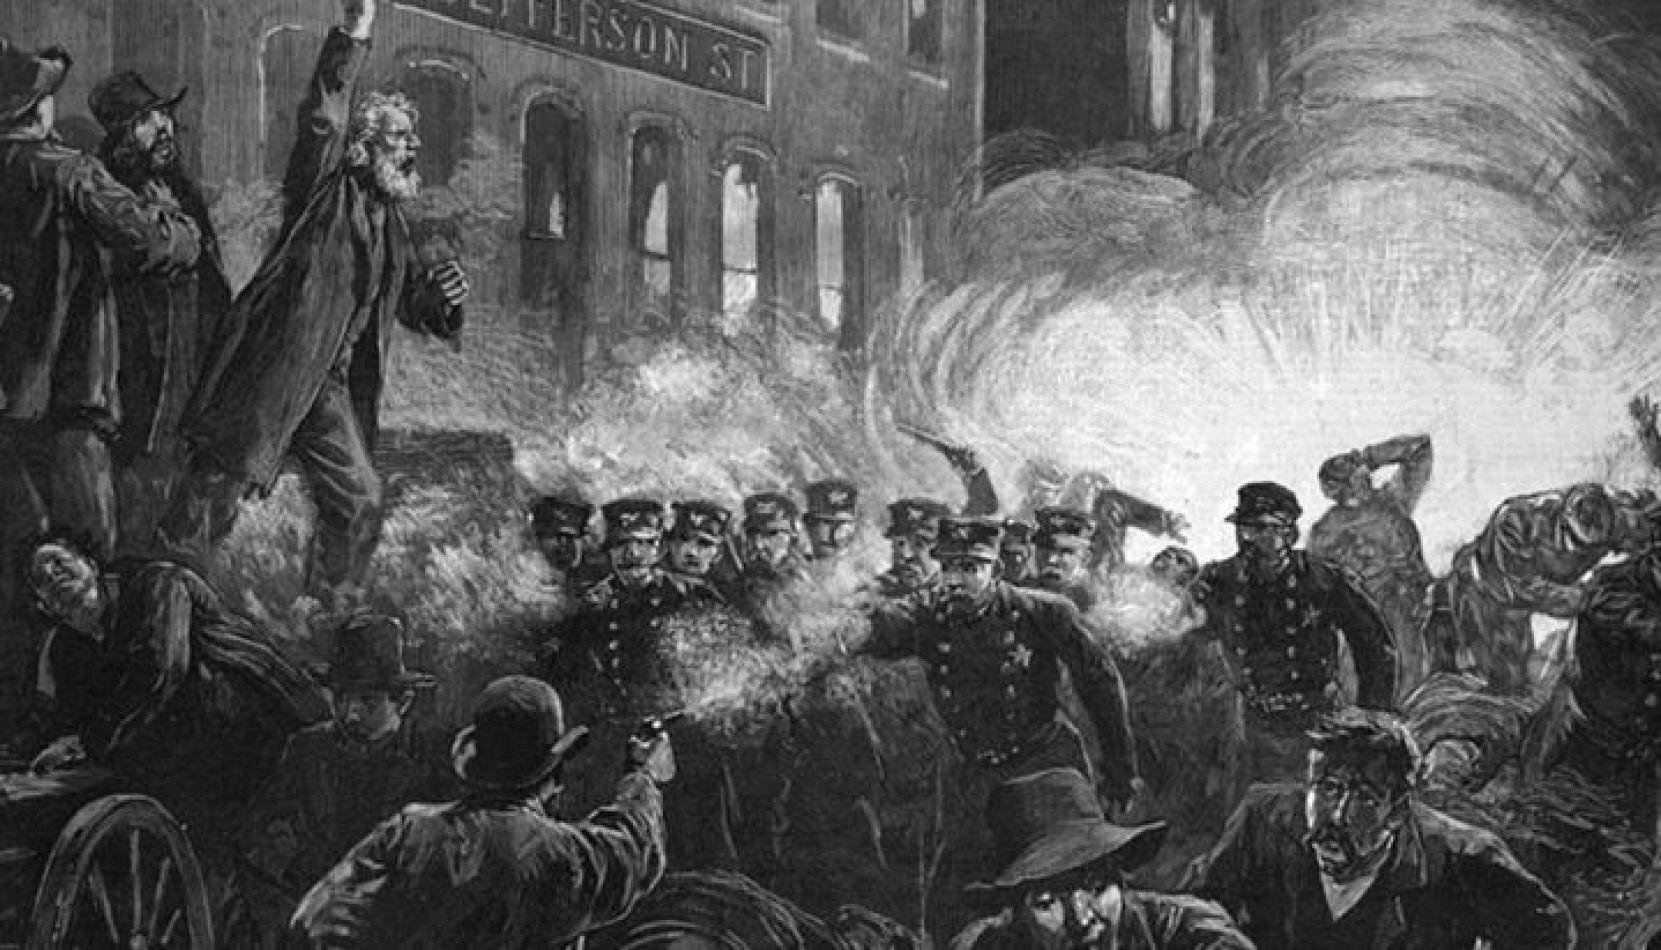 Día del trabajador: la historia de los Mártires de Chicago que dio origen al 1° de mayo